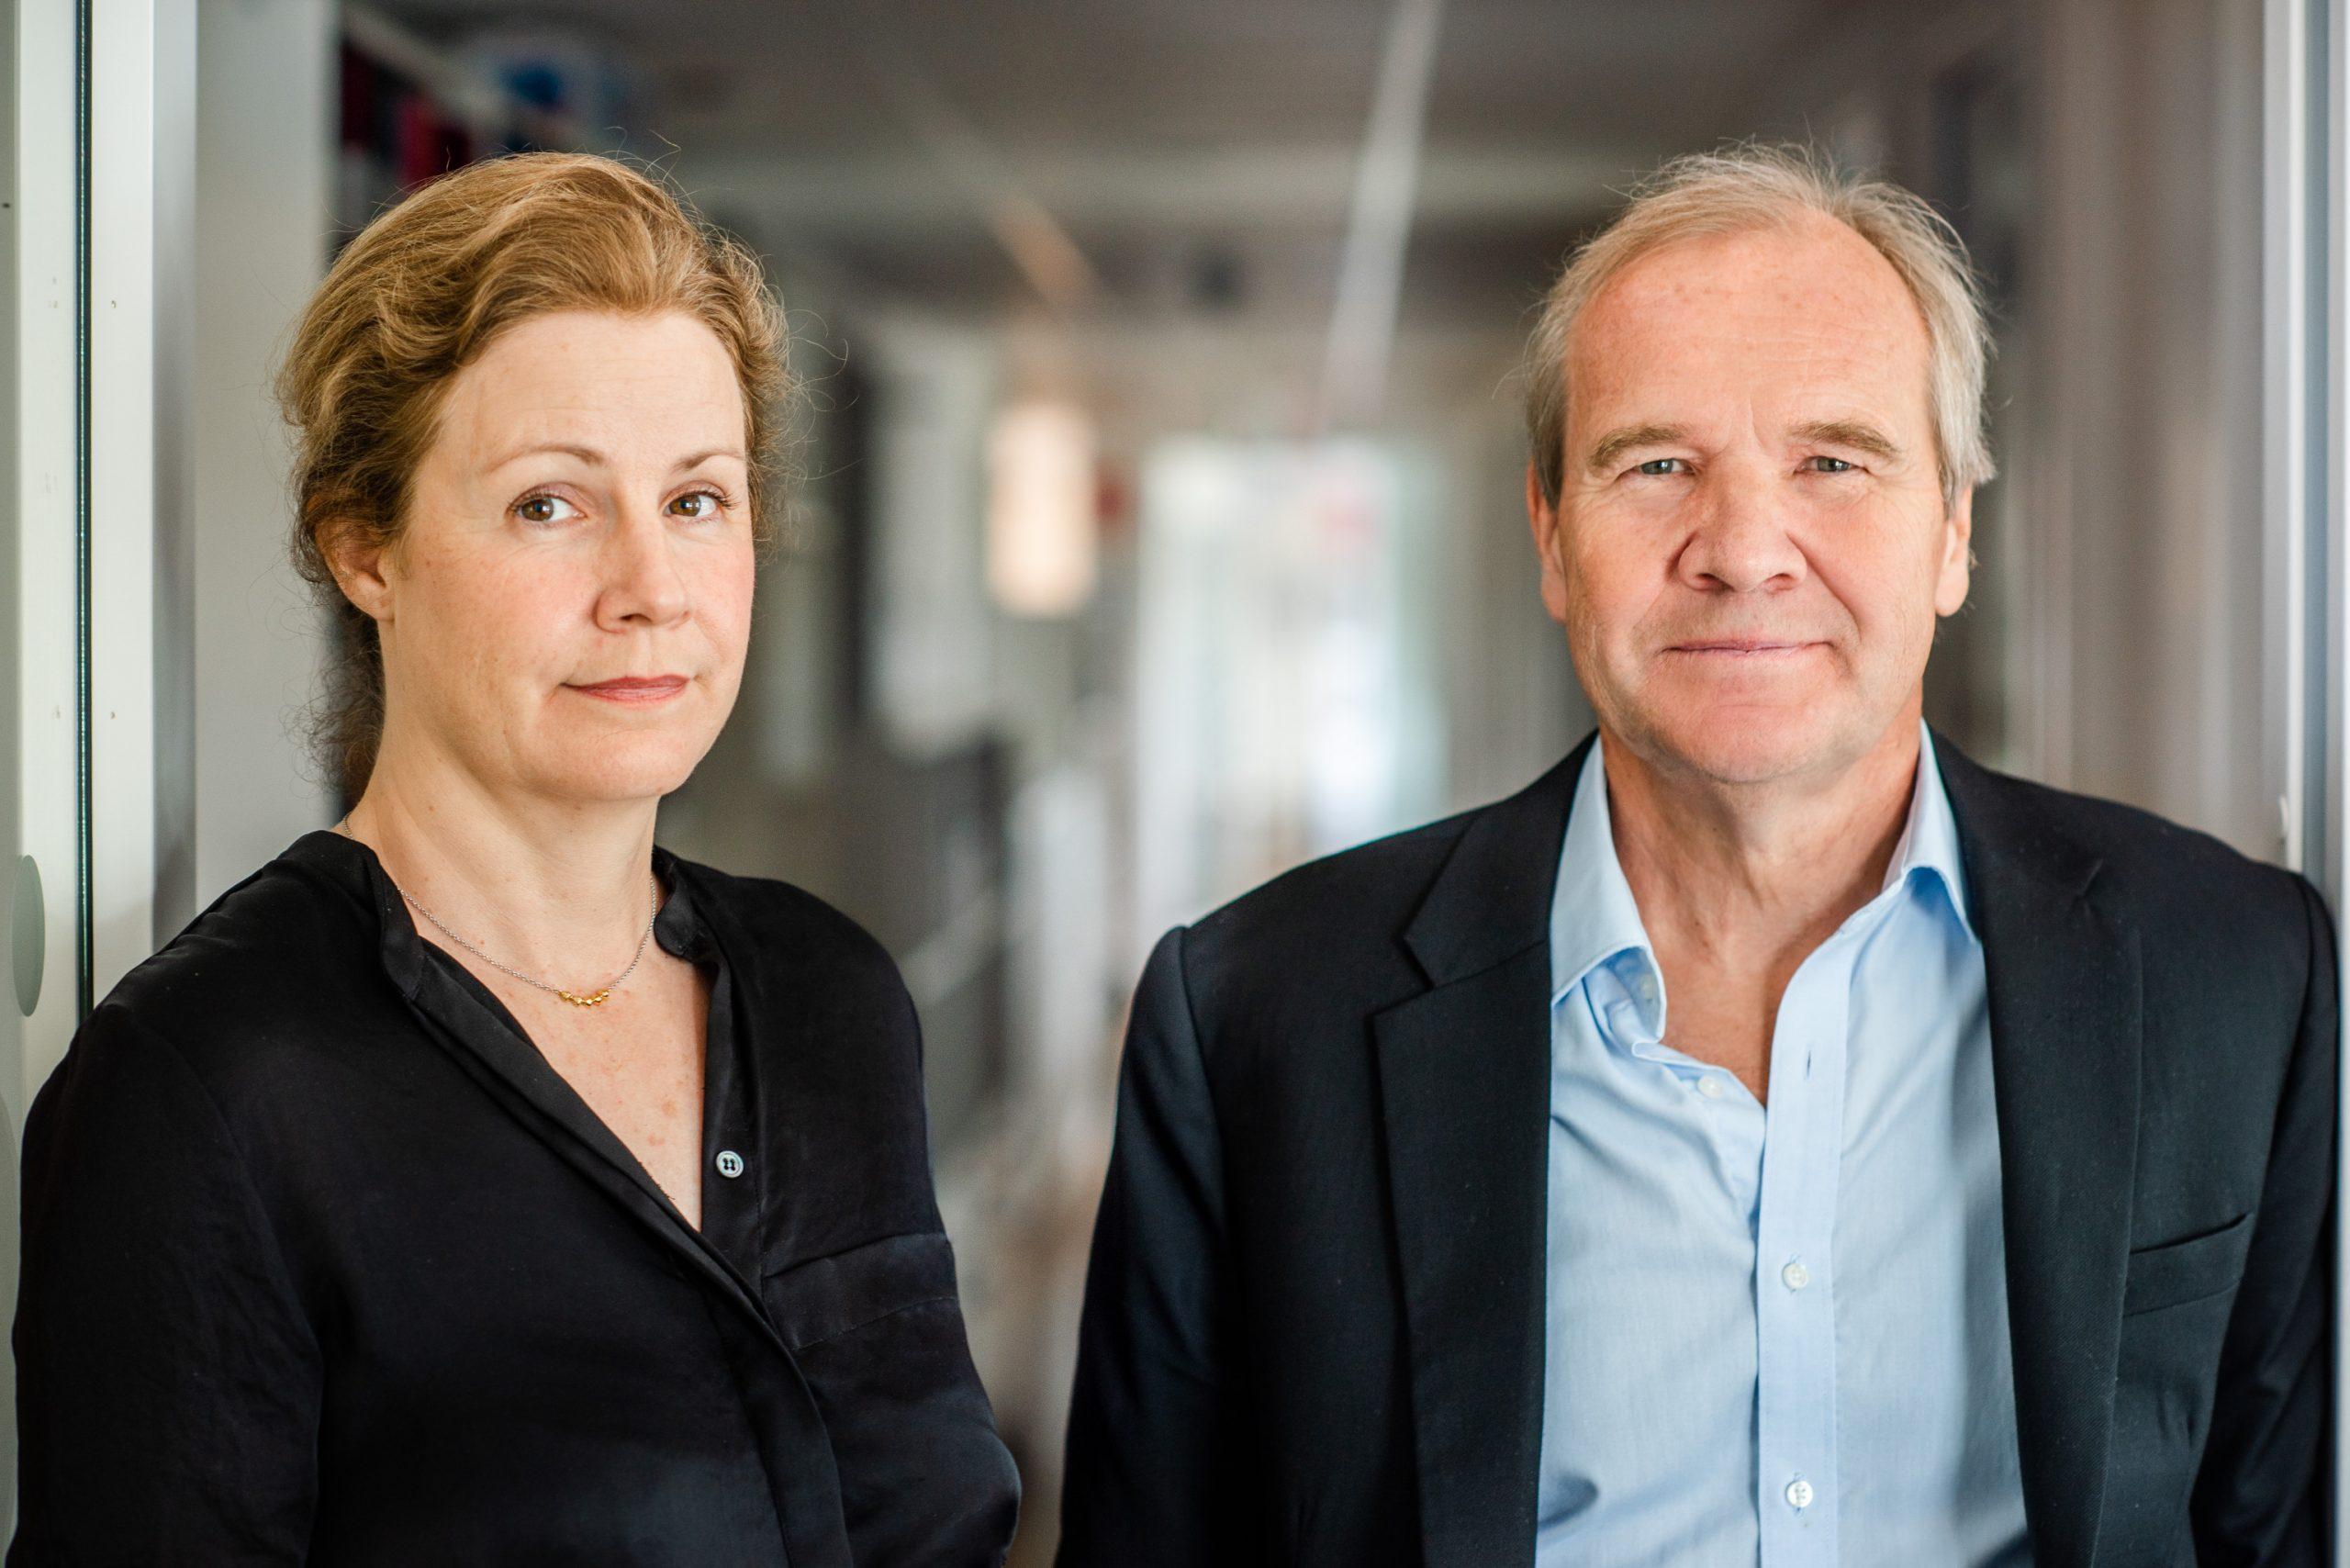 Christina Heilborn, FUB:s förbundssekreterare, och Anders Lago, FUB:s förbundsordförande